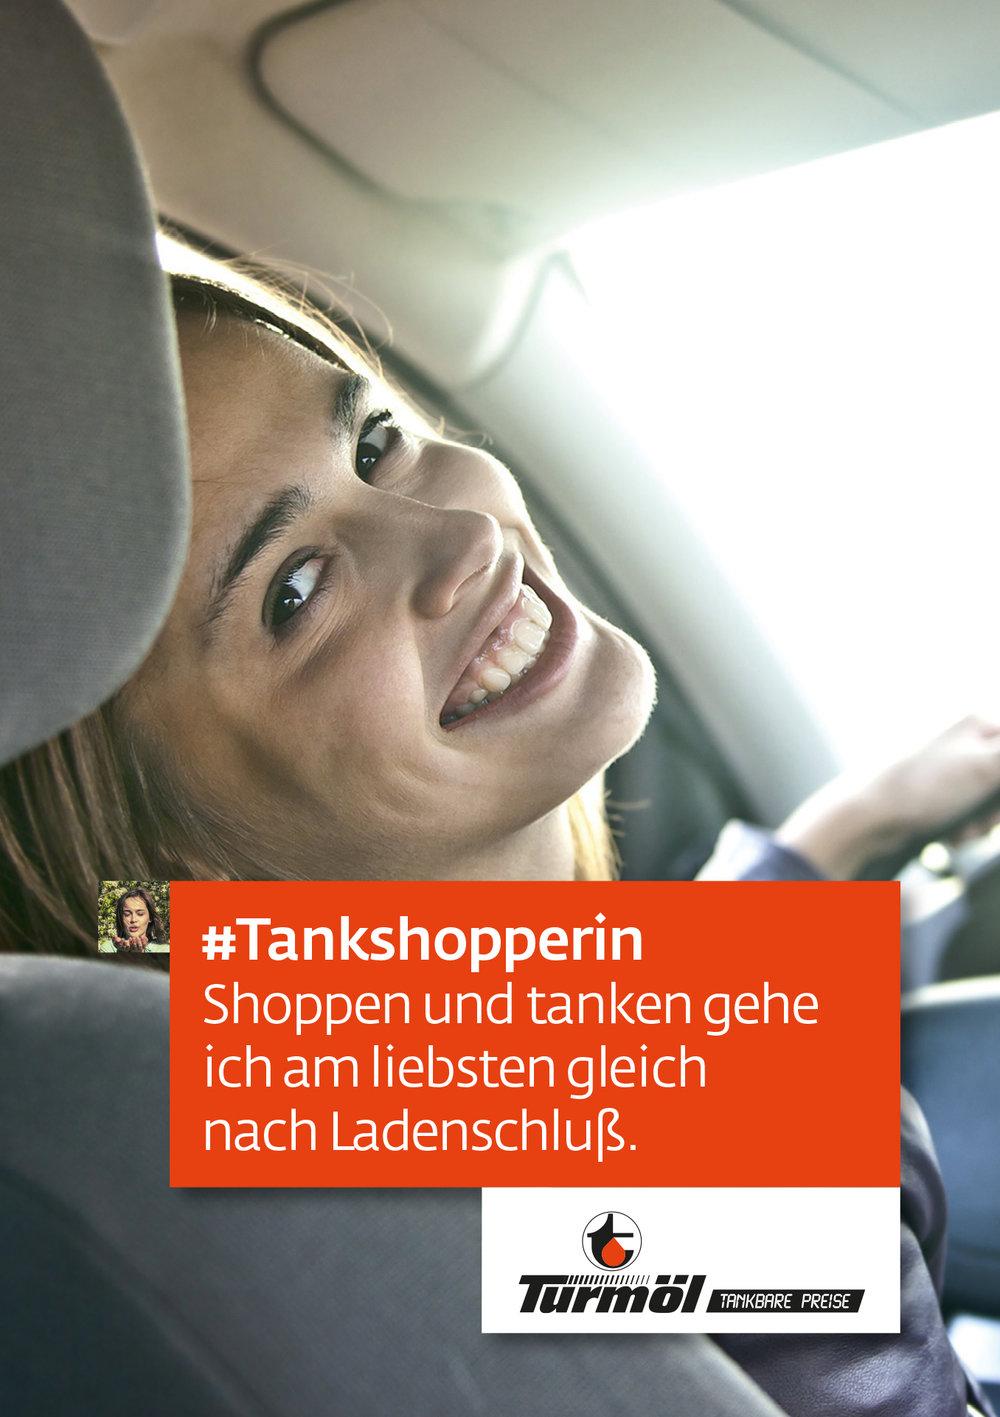 Tankshopperin_A0_PLAKAT_2.jpg